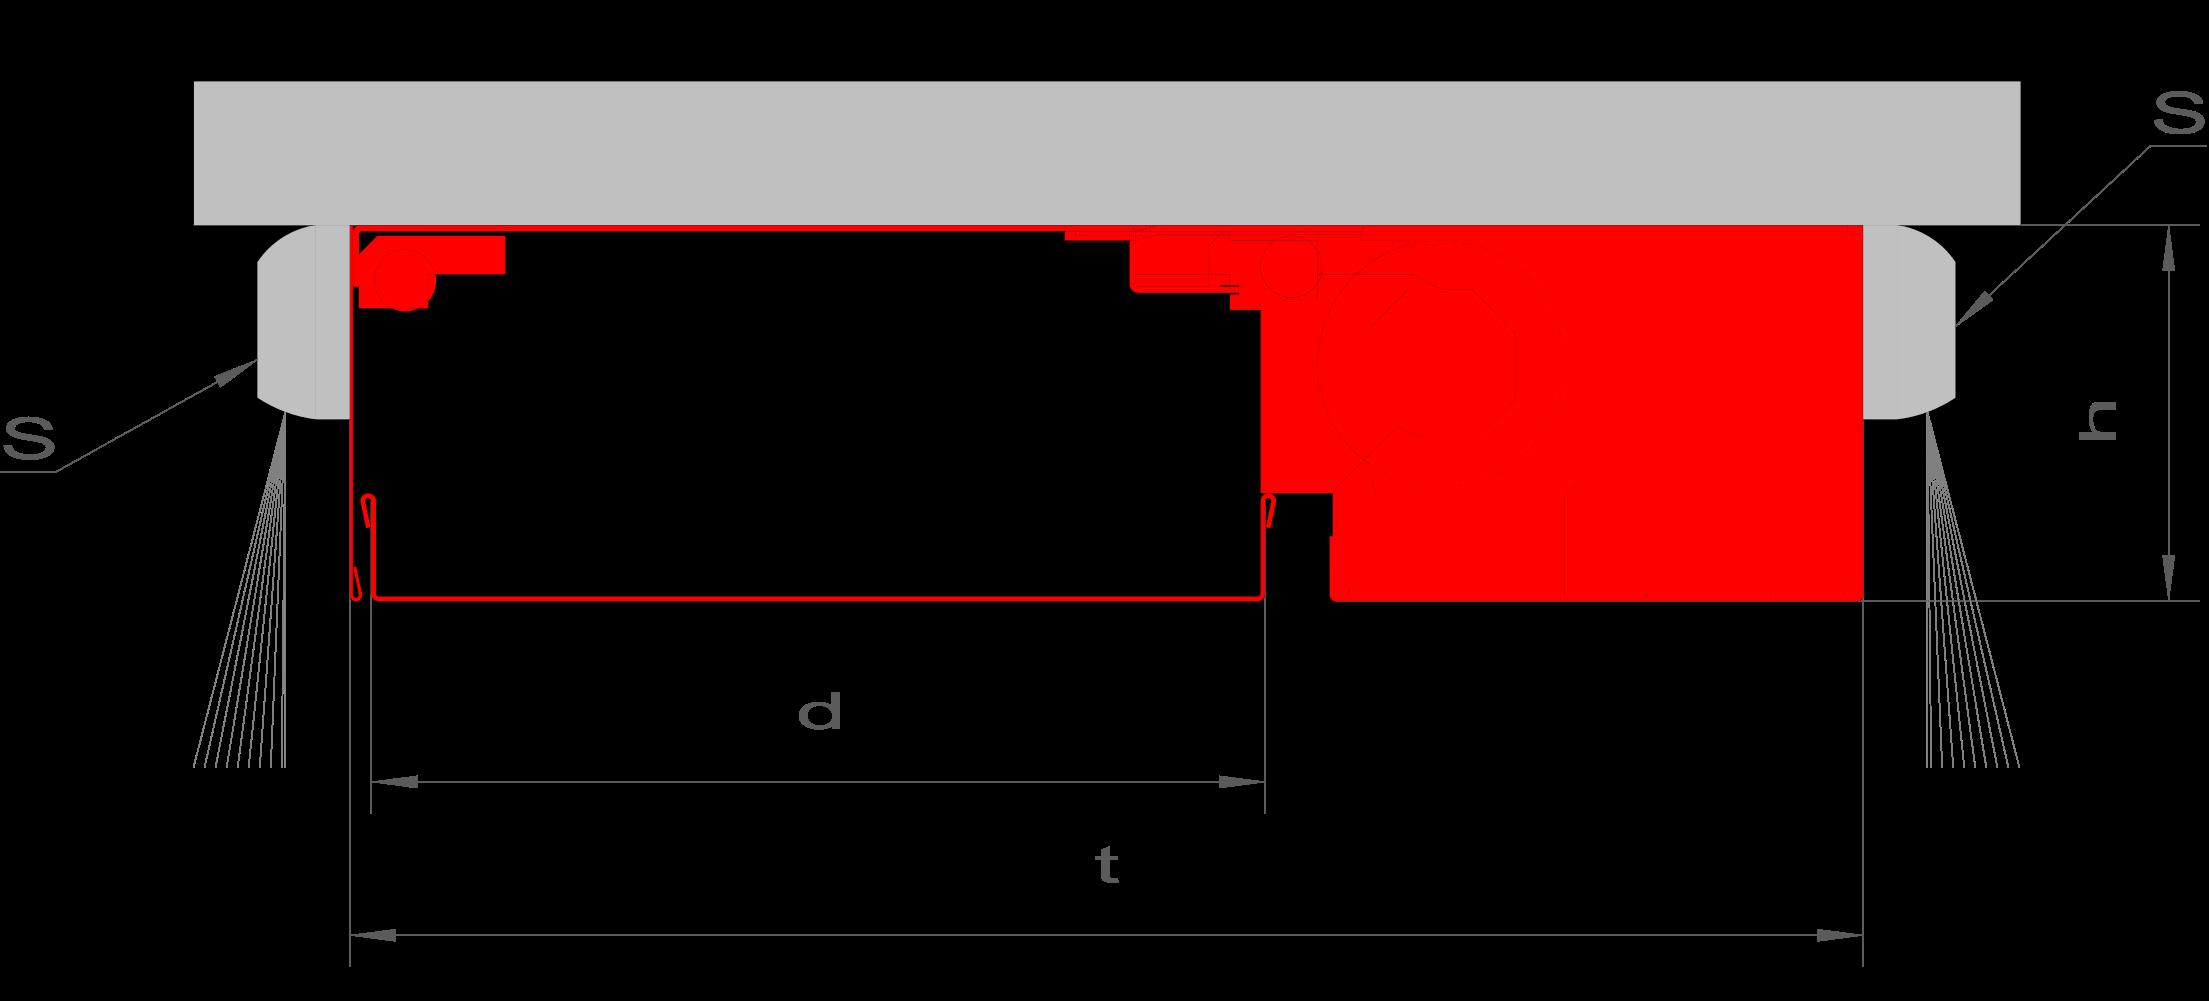 """{""""h"""":""""125 mm"""",""""d"""":""""290 mm"""",""""t"""":""""490 mm"""",""""S"""":""""Infrarot Sicherung""""}"""